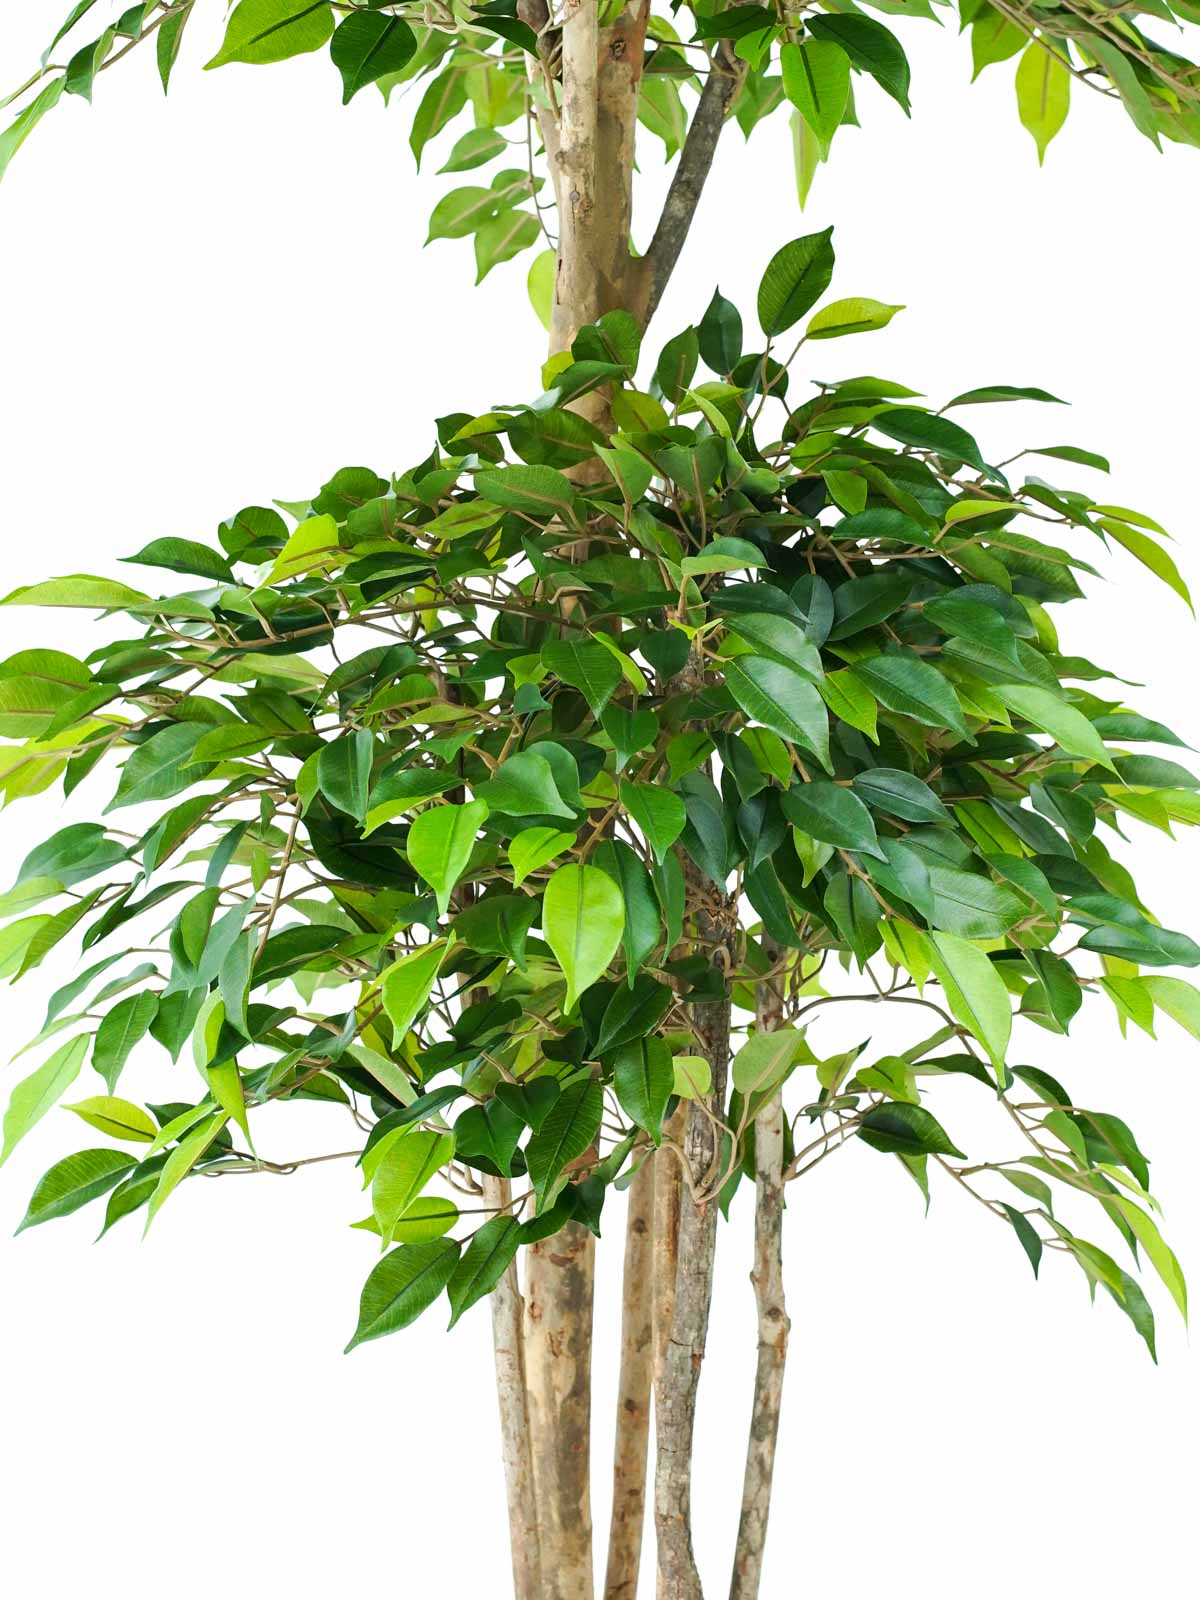 شجرة تين نتاشا ترولبيكال - وسط Online